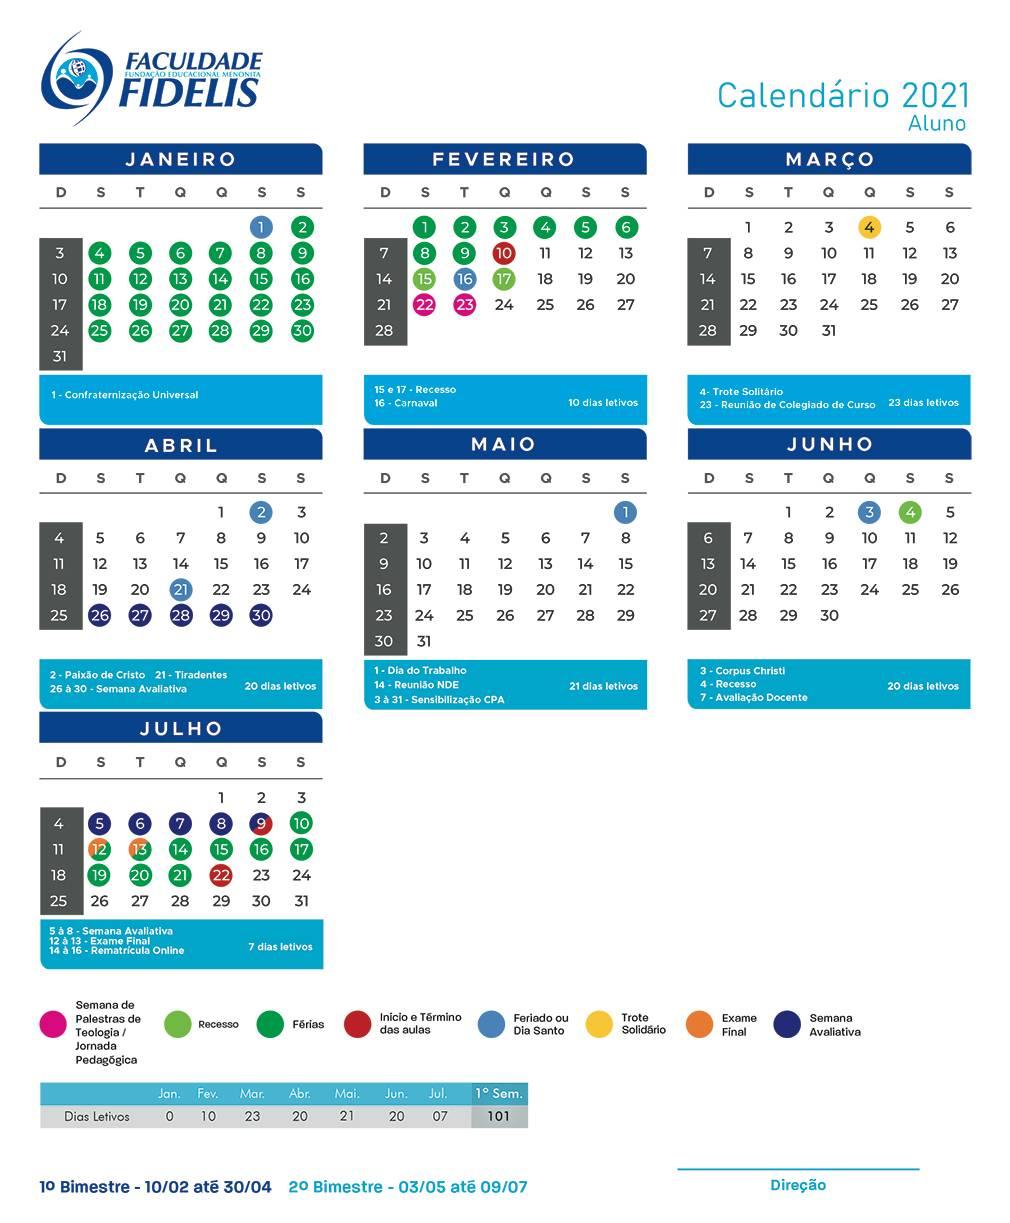 Calendário Faculdade Fidelis